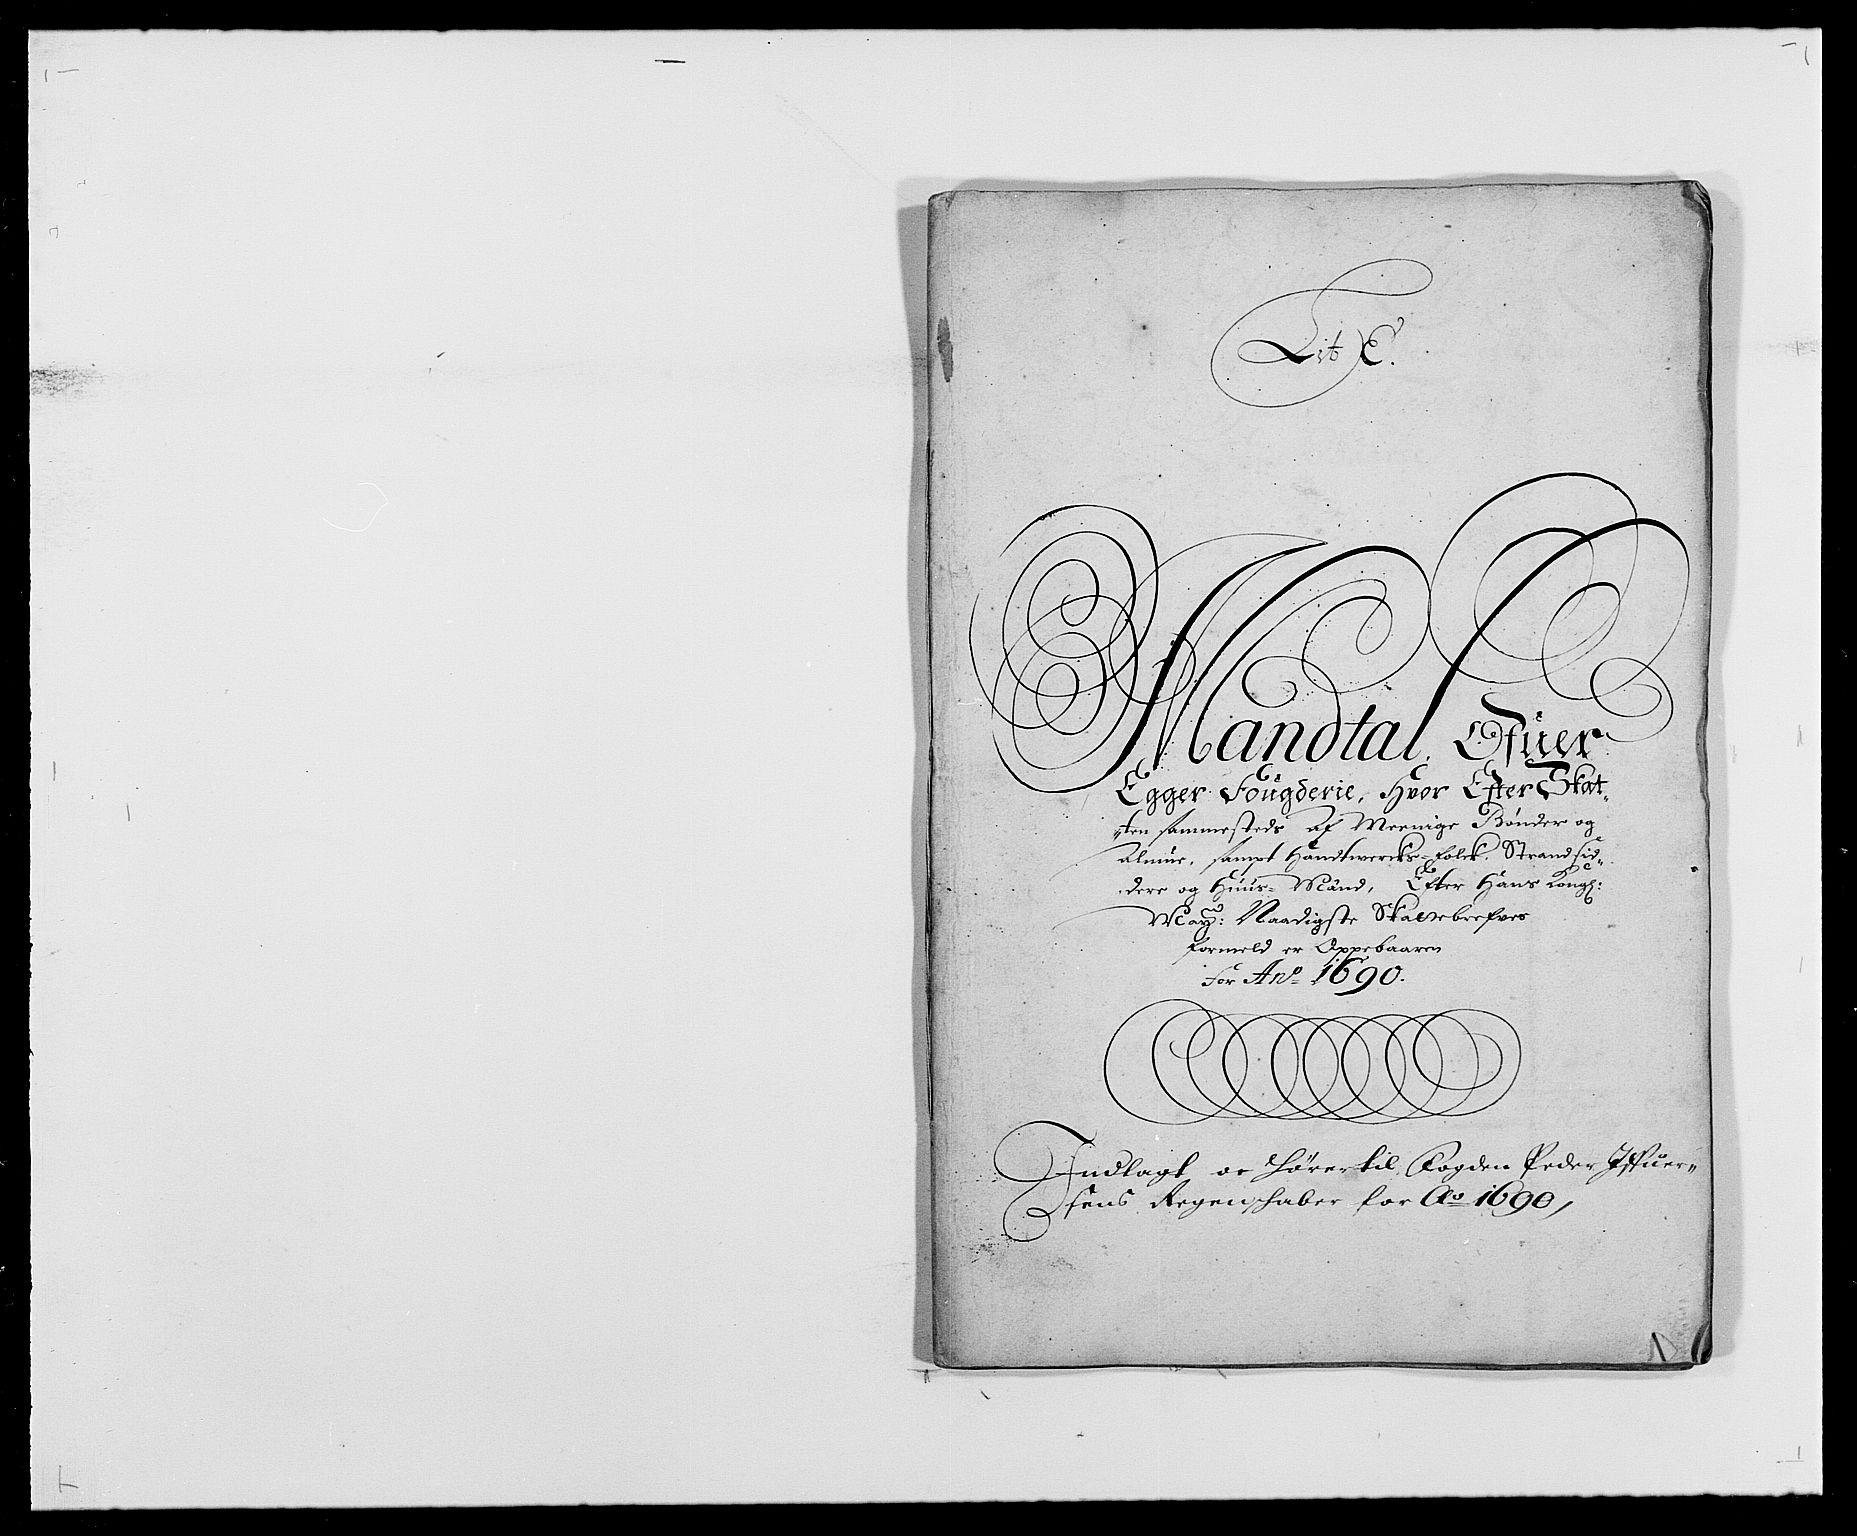 RA, Rentekammeret inntil 1814, Reviderte regnskaper, Fogderegnskap, R28/L1689: Fogderegnskap Eiker og Lier, 1690-1691, s. 44